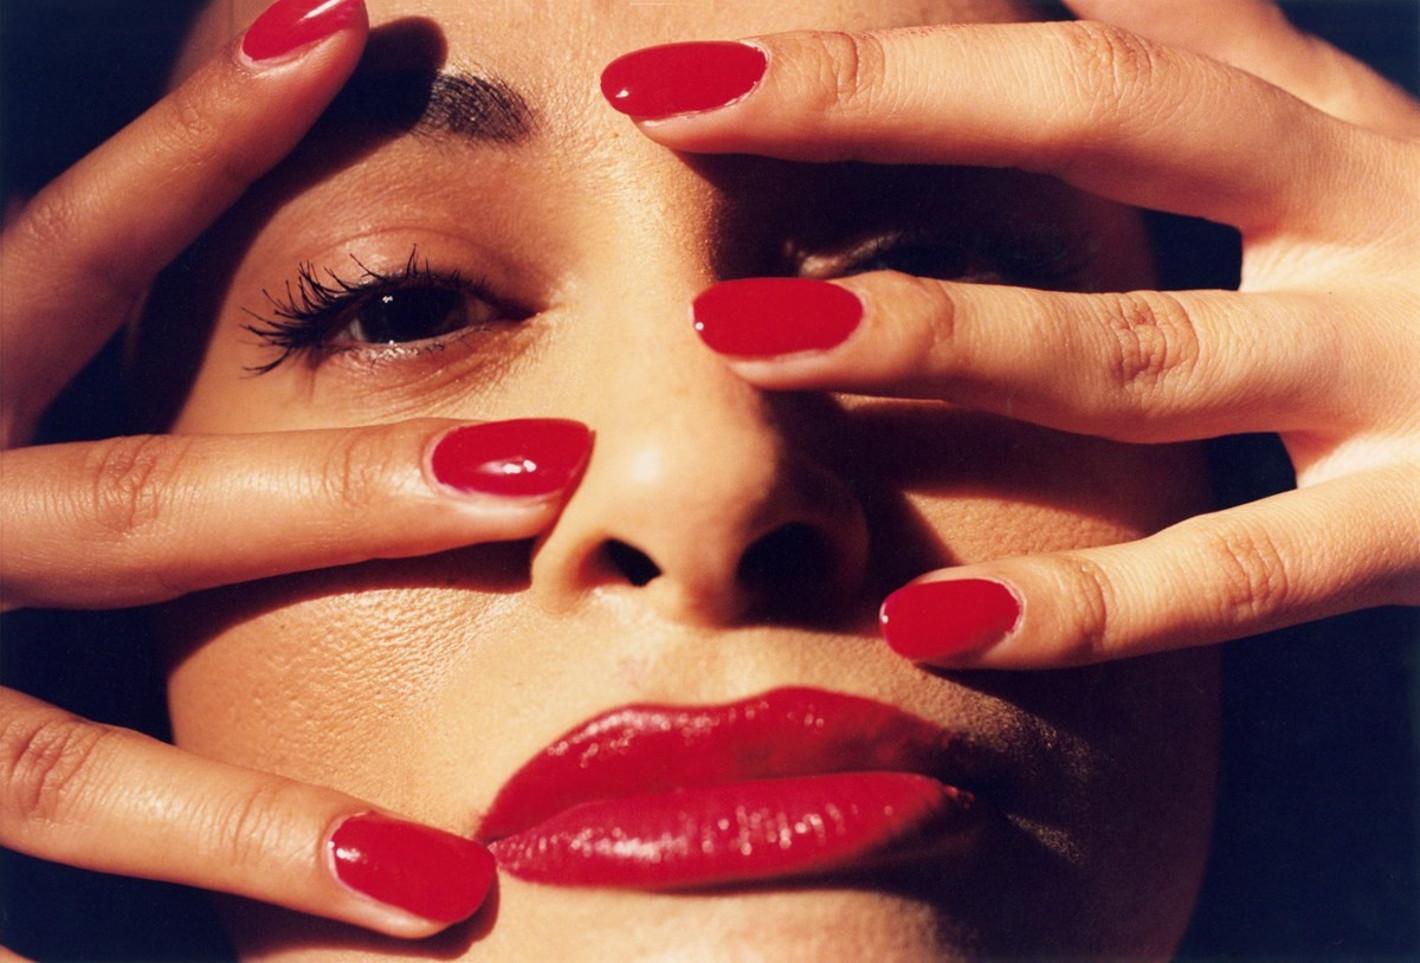 David Lynch Wydał Album Z Nagimi Zdjęciami Kobiet Fashionpost